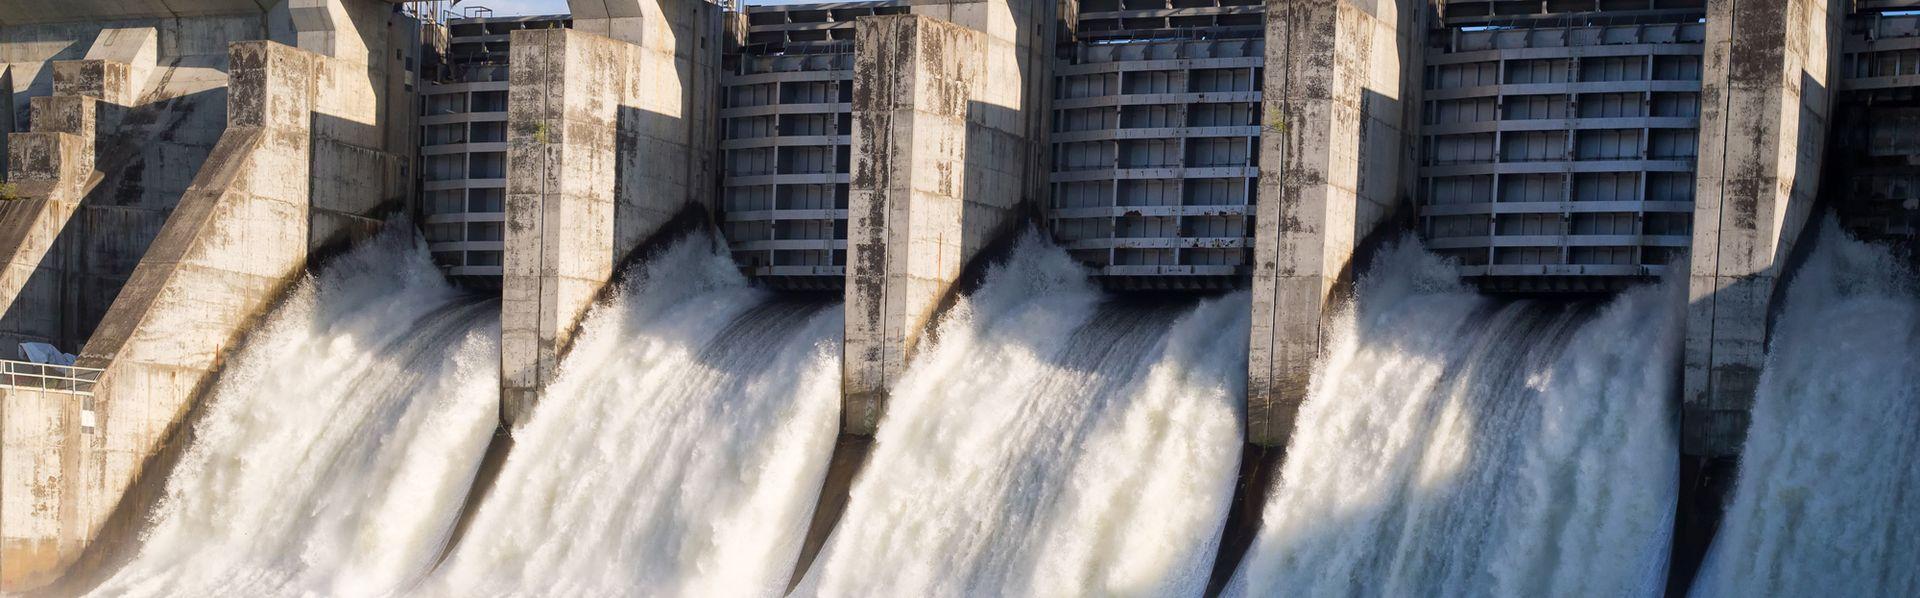 Barrage d'une centrale hydraulique. [kat7213 - Fotolia]